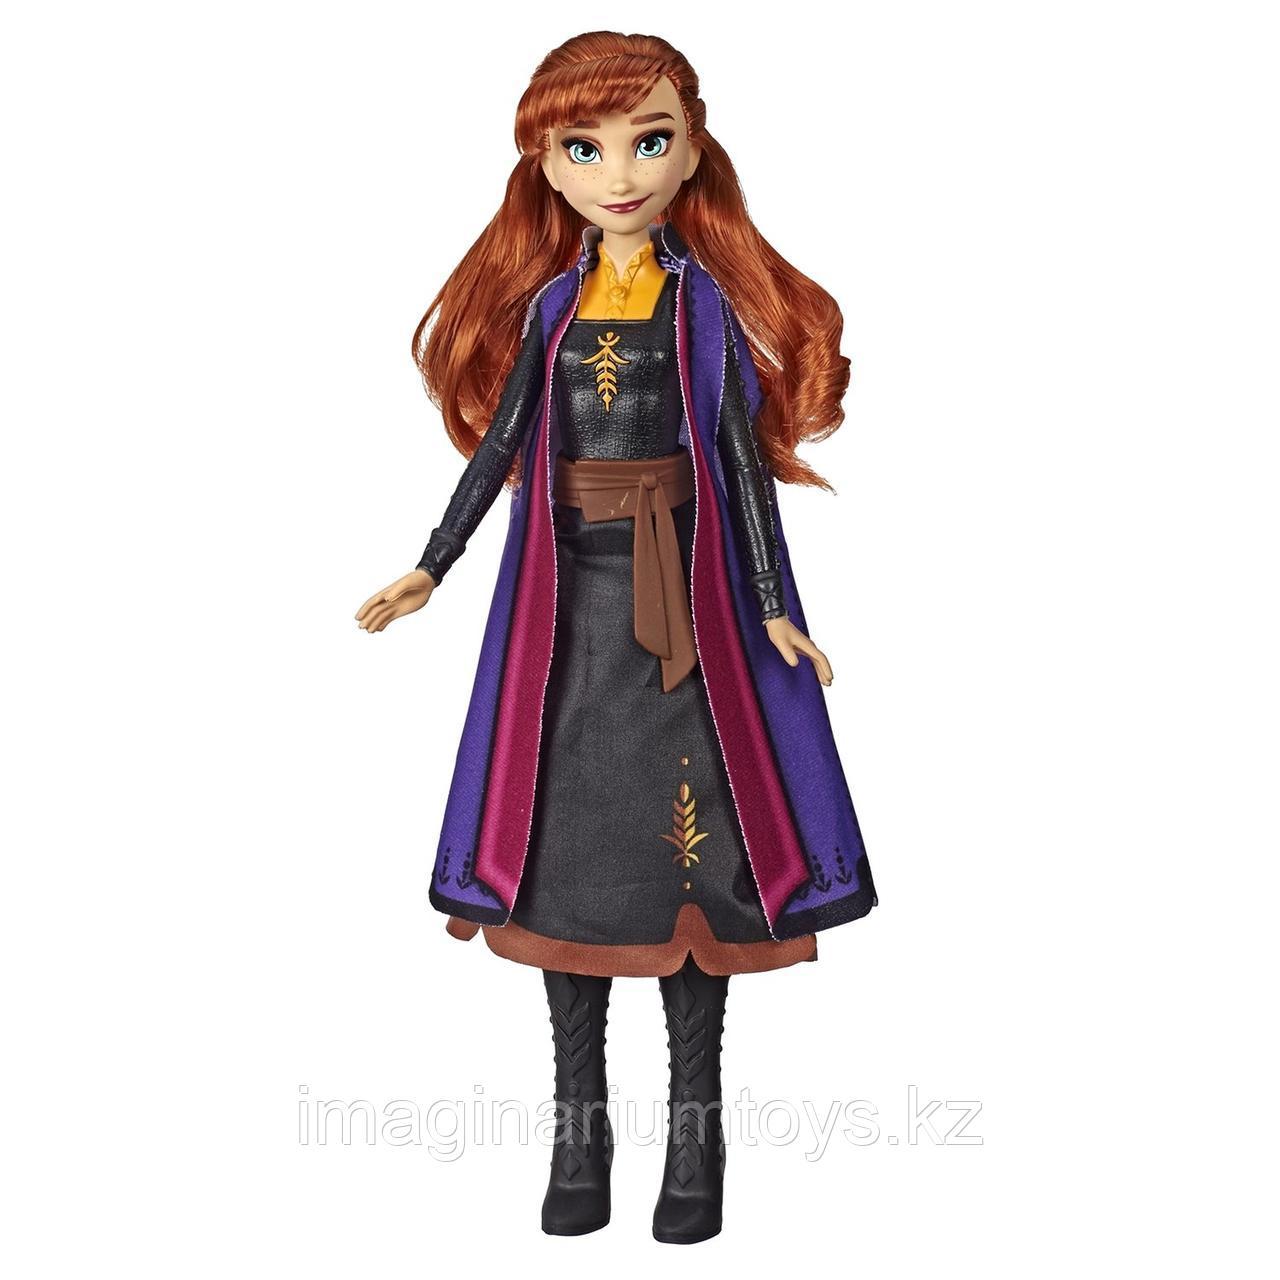 Кукла Анна со сверкающим платьем Frozen 2 Hasbro